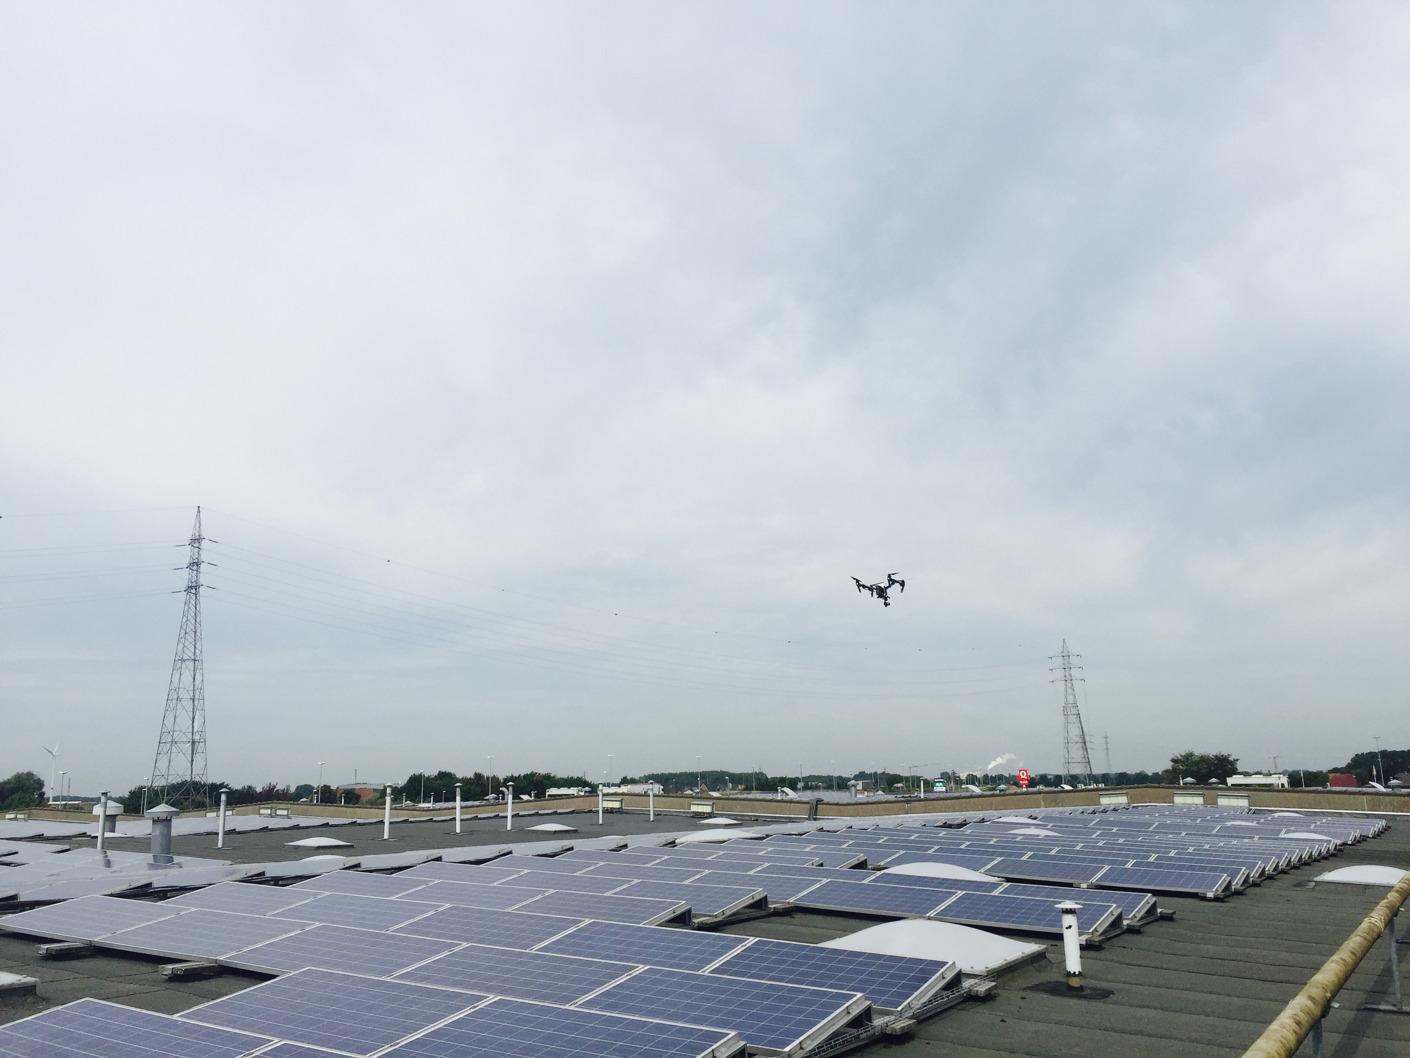 Première en Belgique: Eneco utilise des drones pour contrôler ses installations solaires